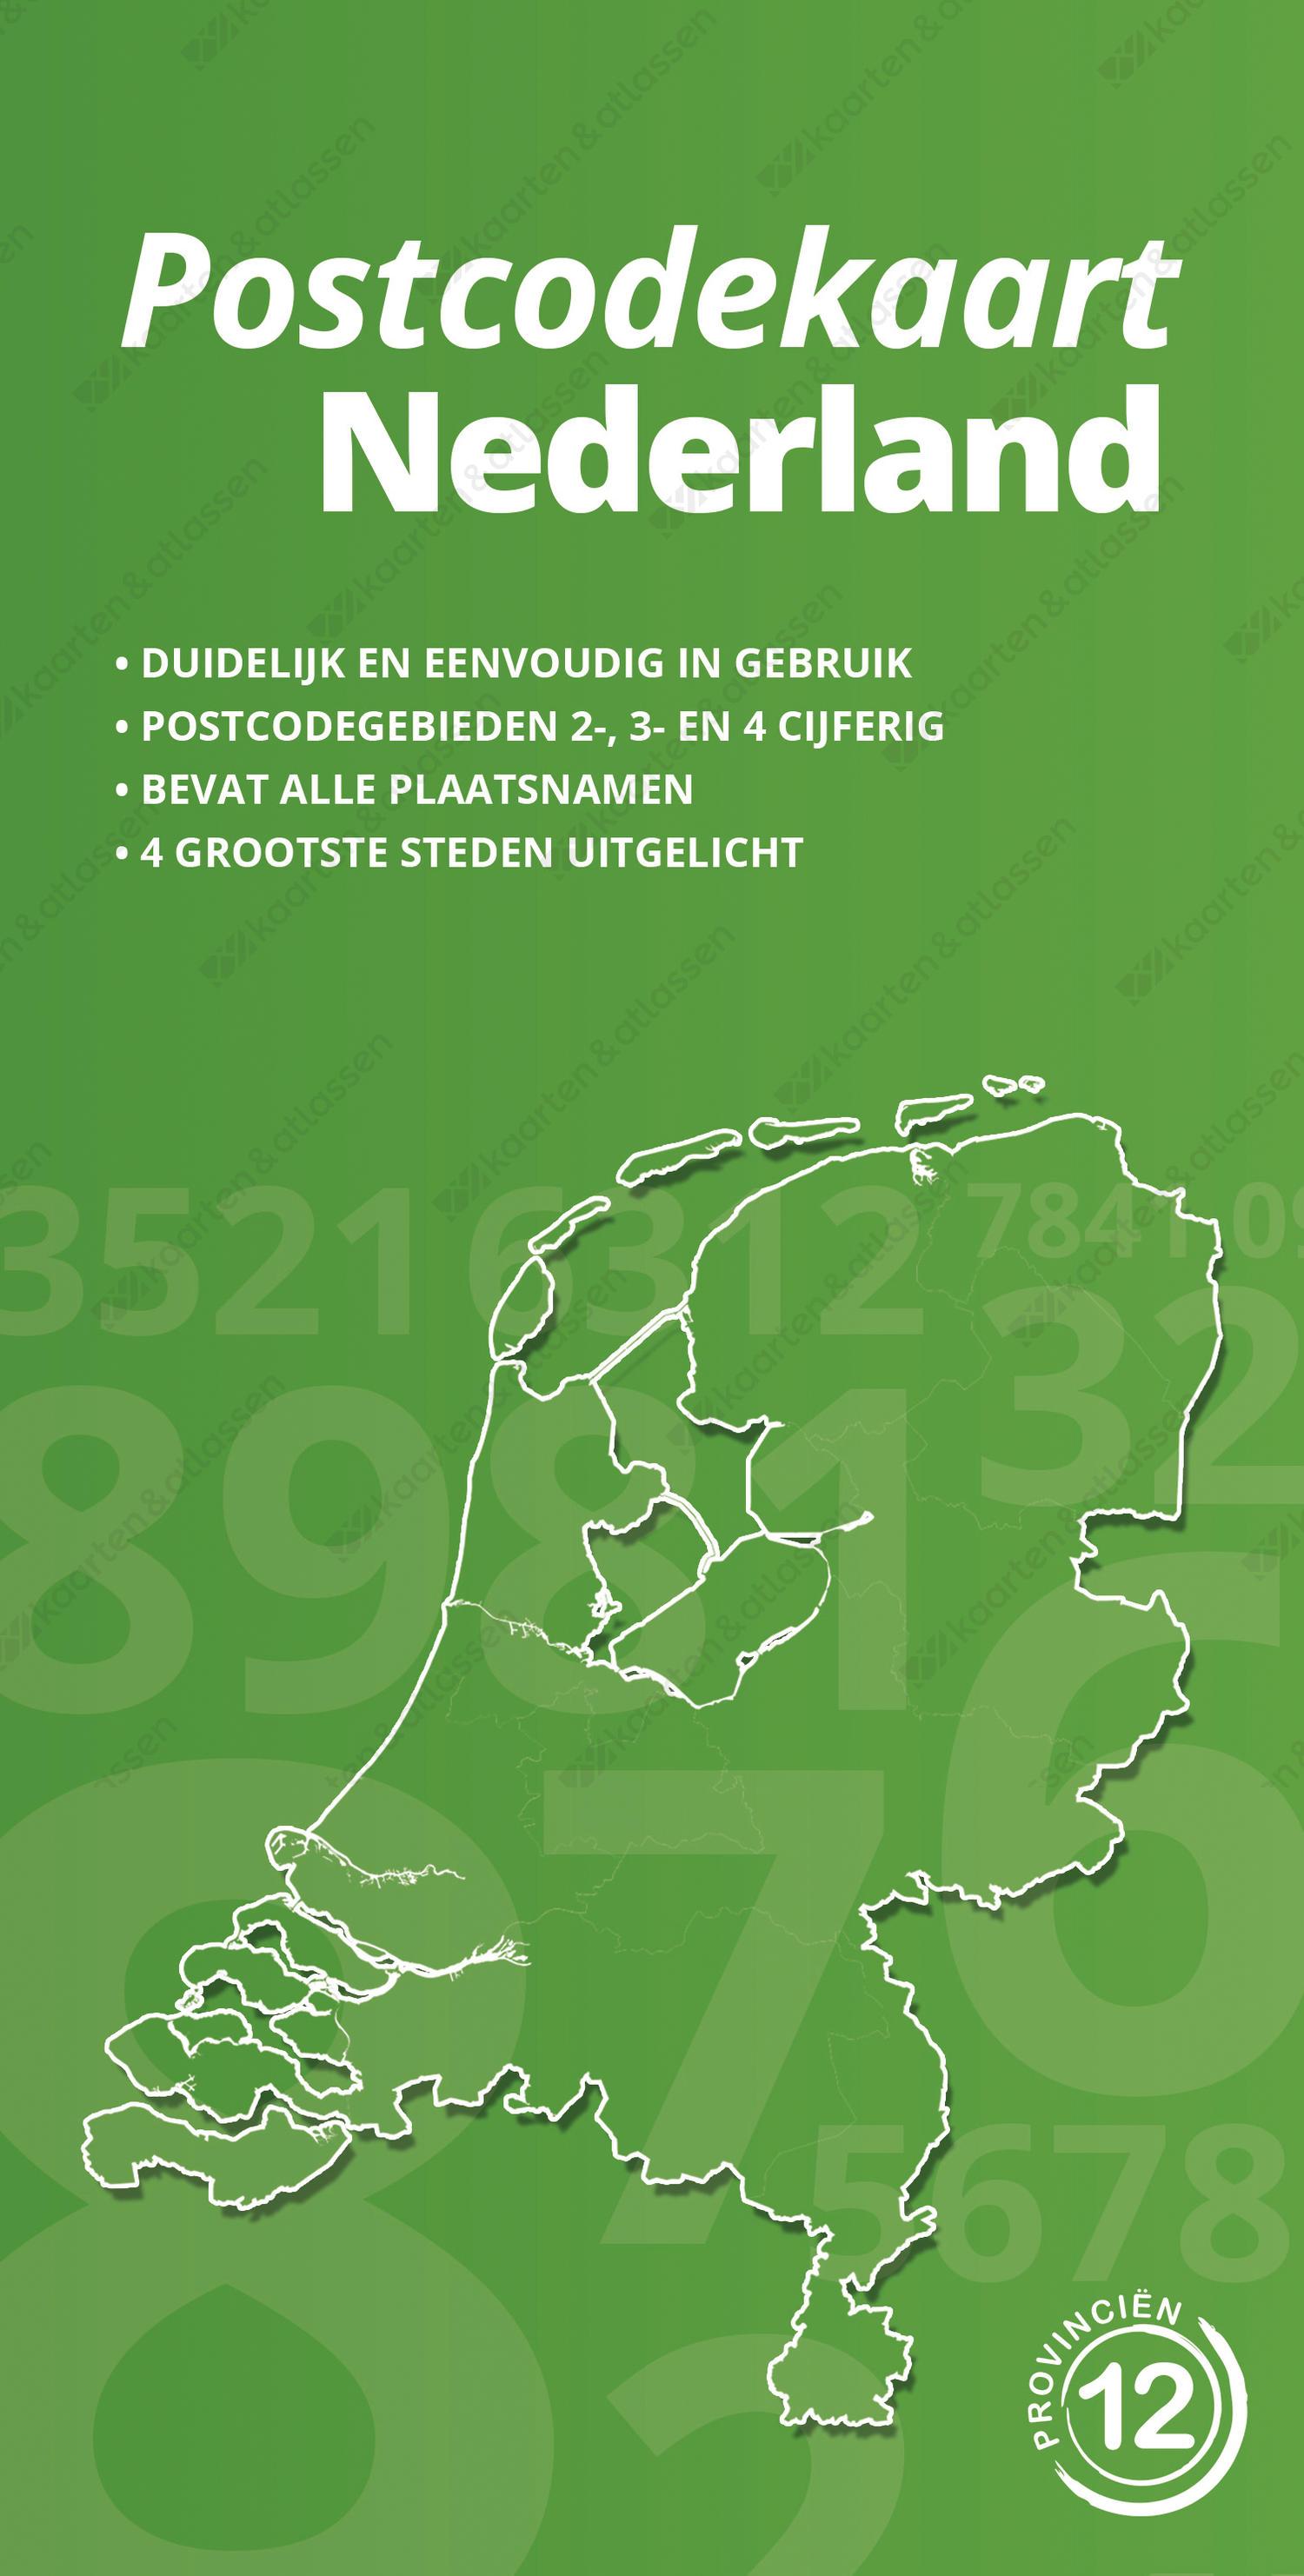 Postcodekaart Nederland - voorzijde